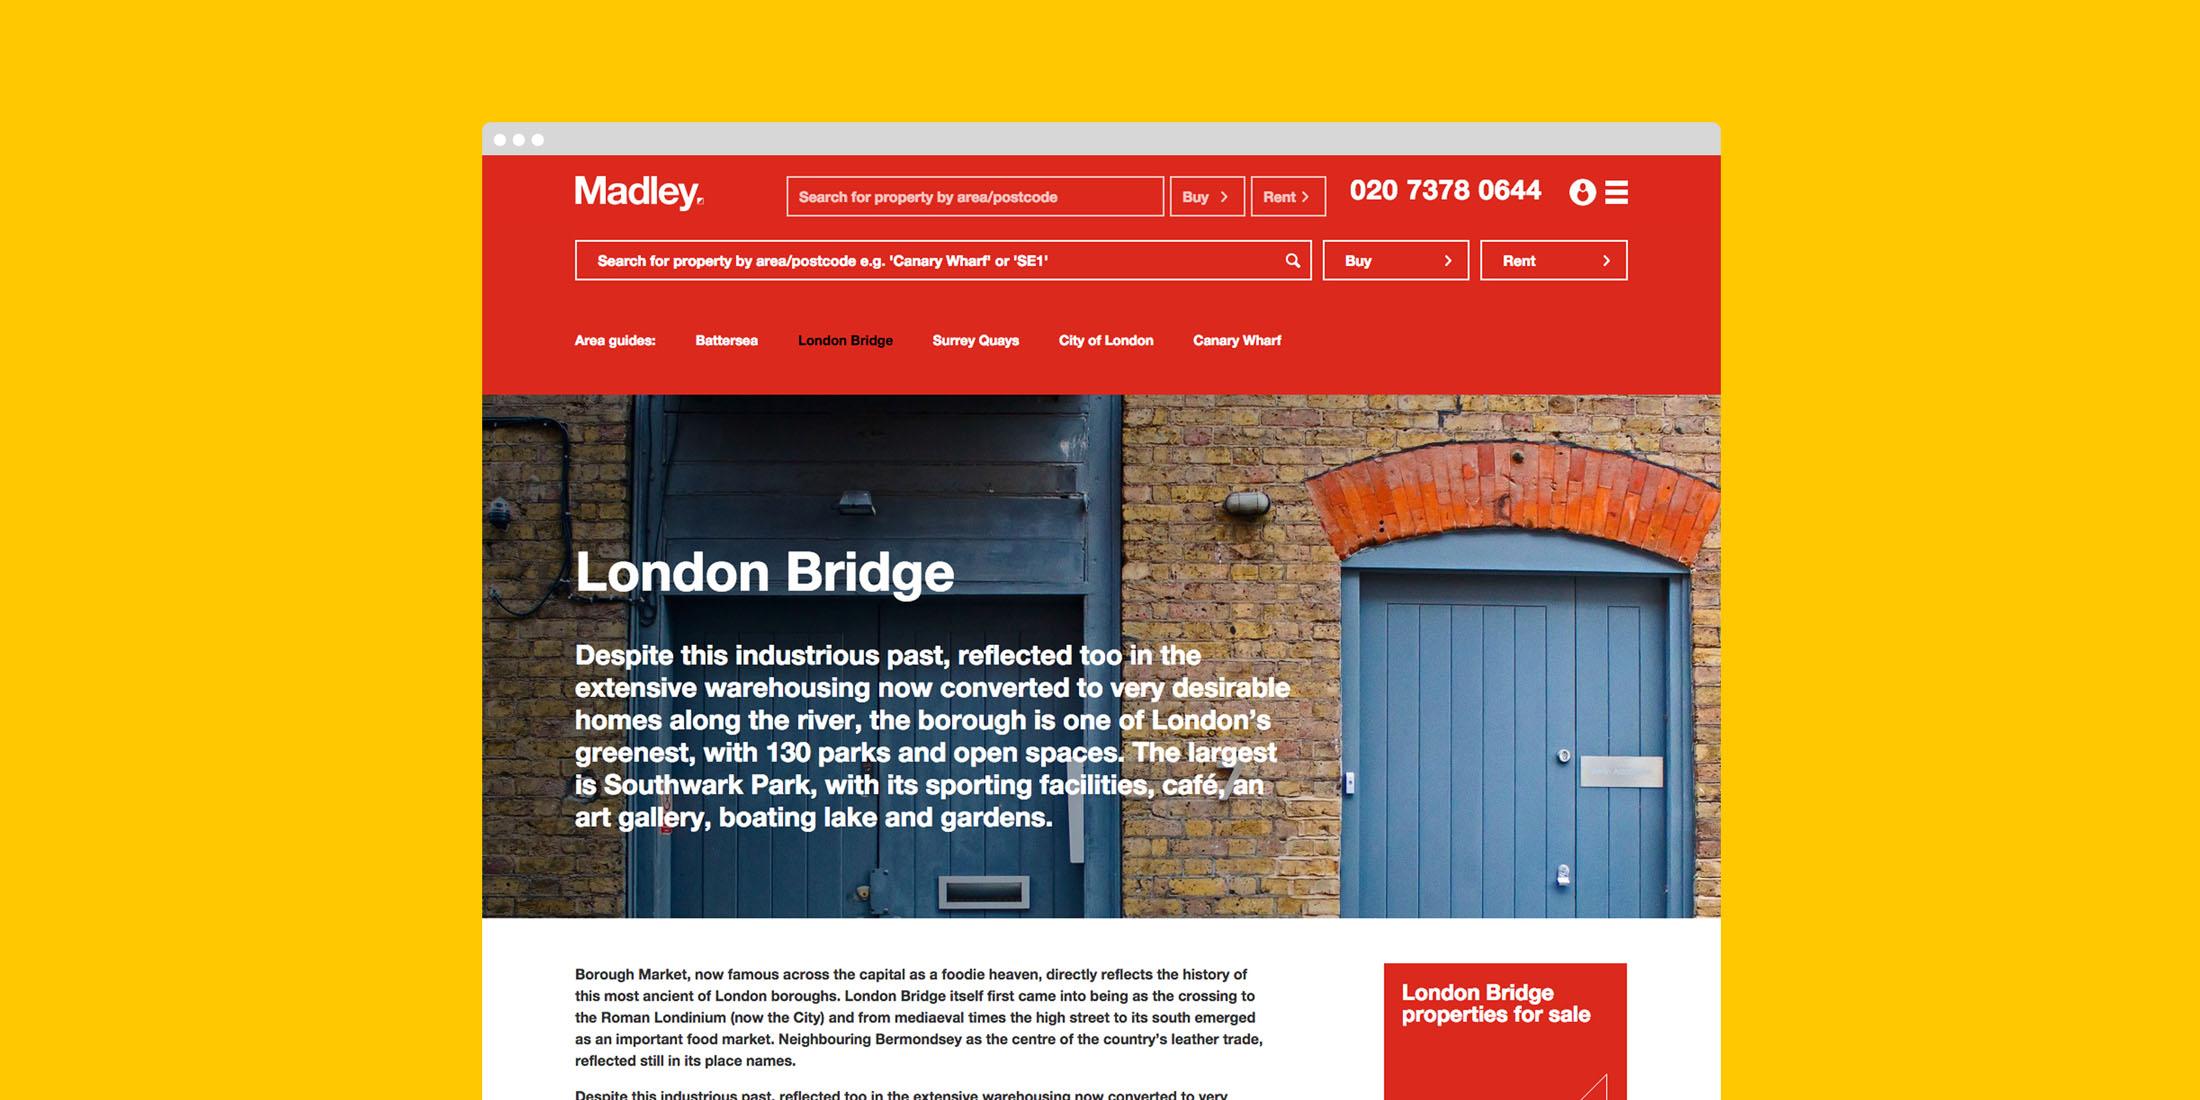 Madley website